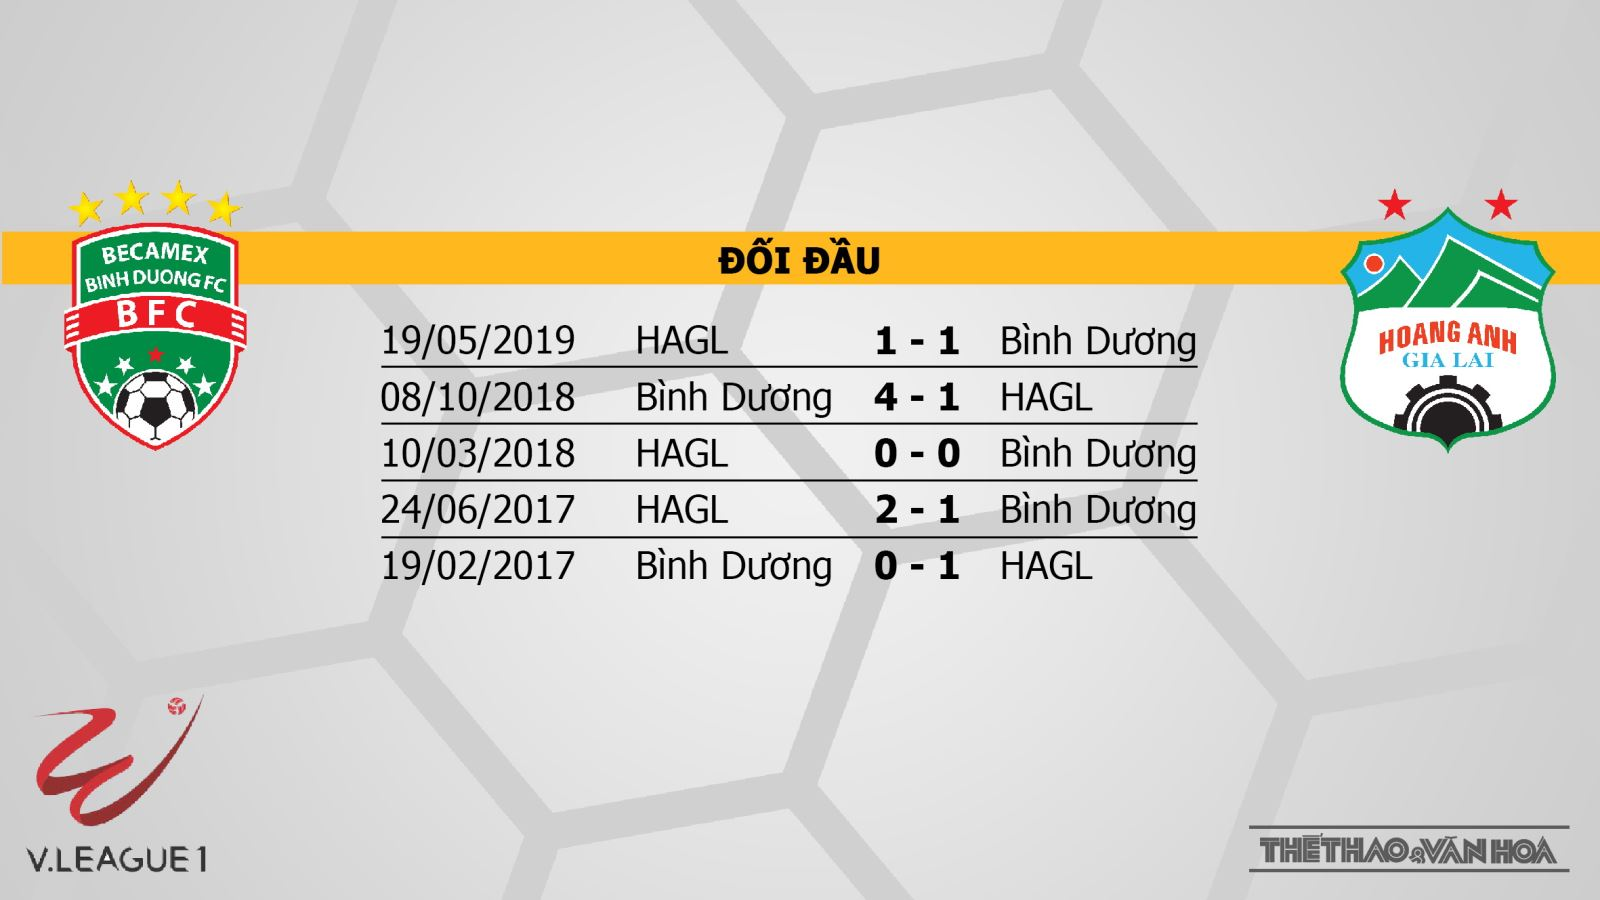 trực tiếp bóng đá, truc tiep bong da, Bình Dương vs HAGL, Trực tiếp Bình Dương đấu với HAGL, kèo Bình Dương vs HAGL, V-League 2019, VTV6, Bóng đá TV, FPT Play, kèo bóng đá